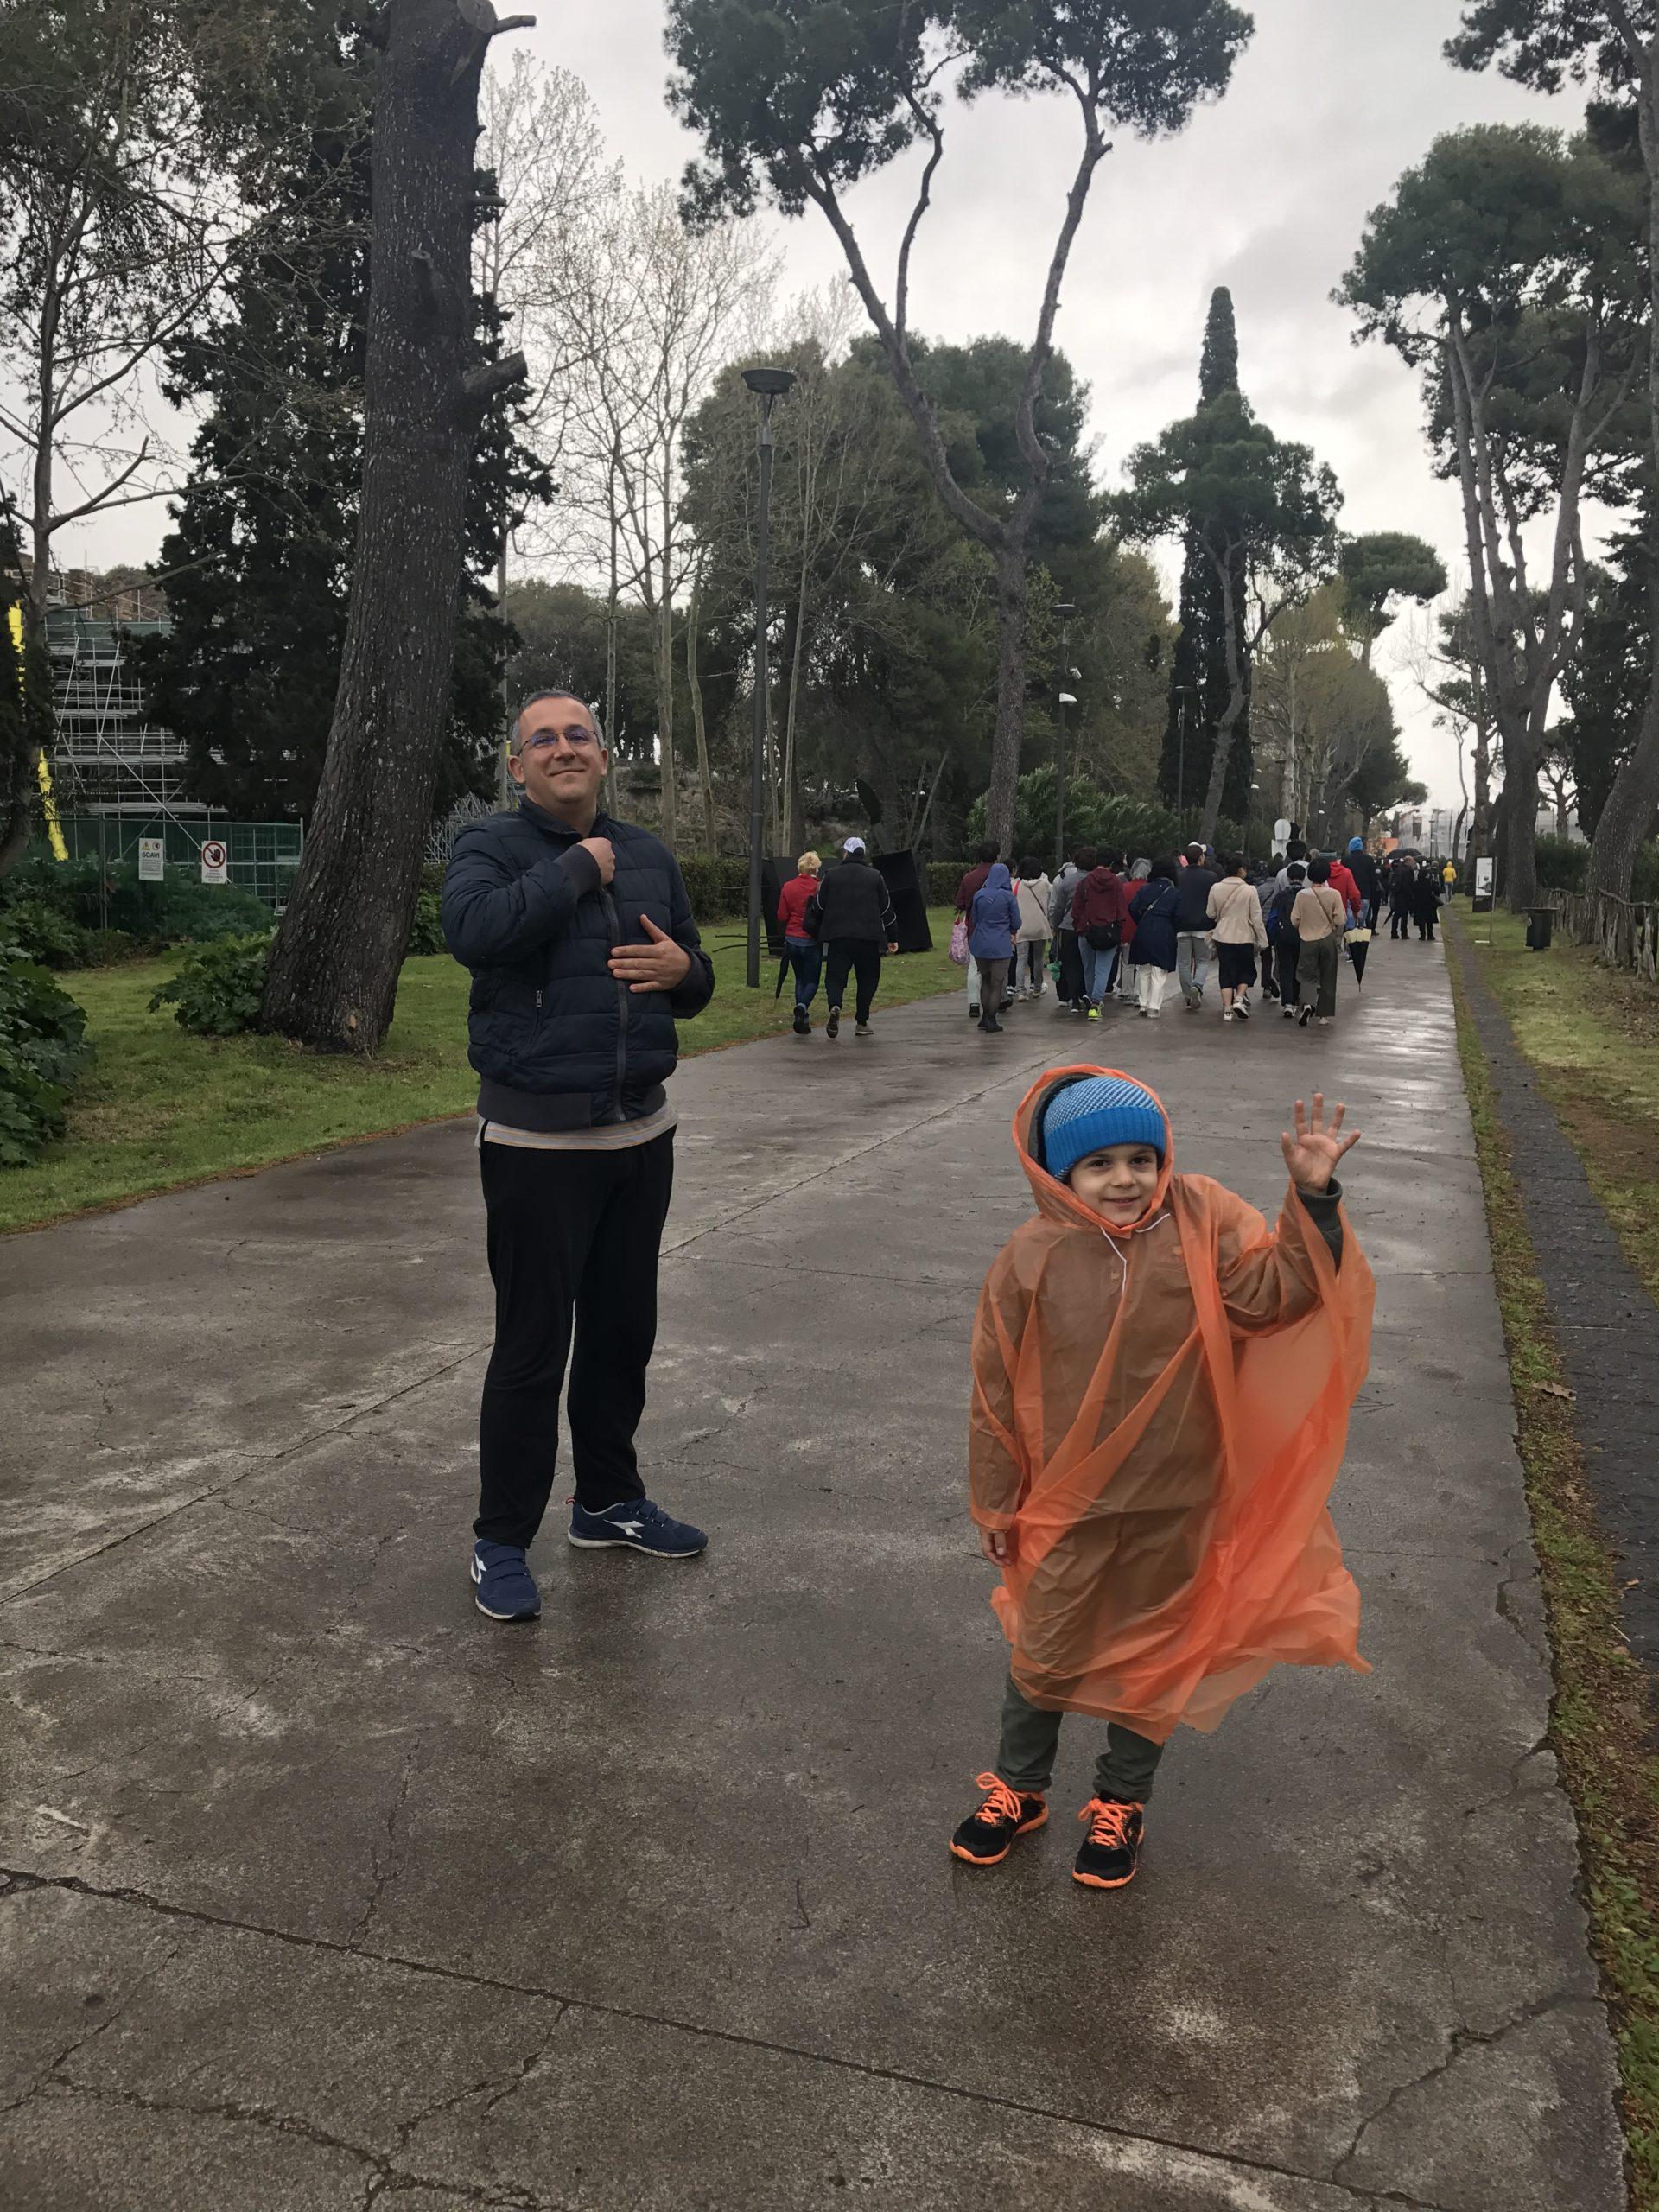 Pompei with rain